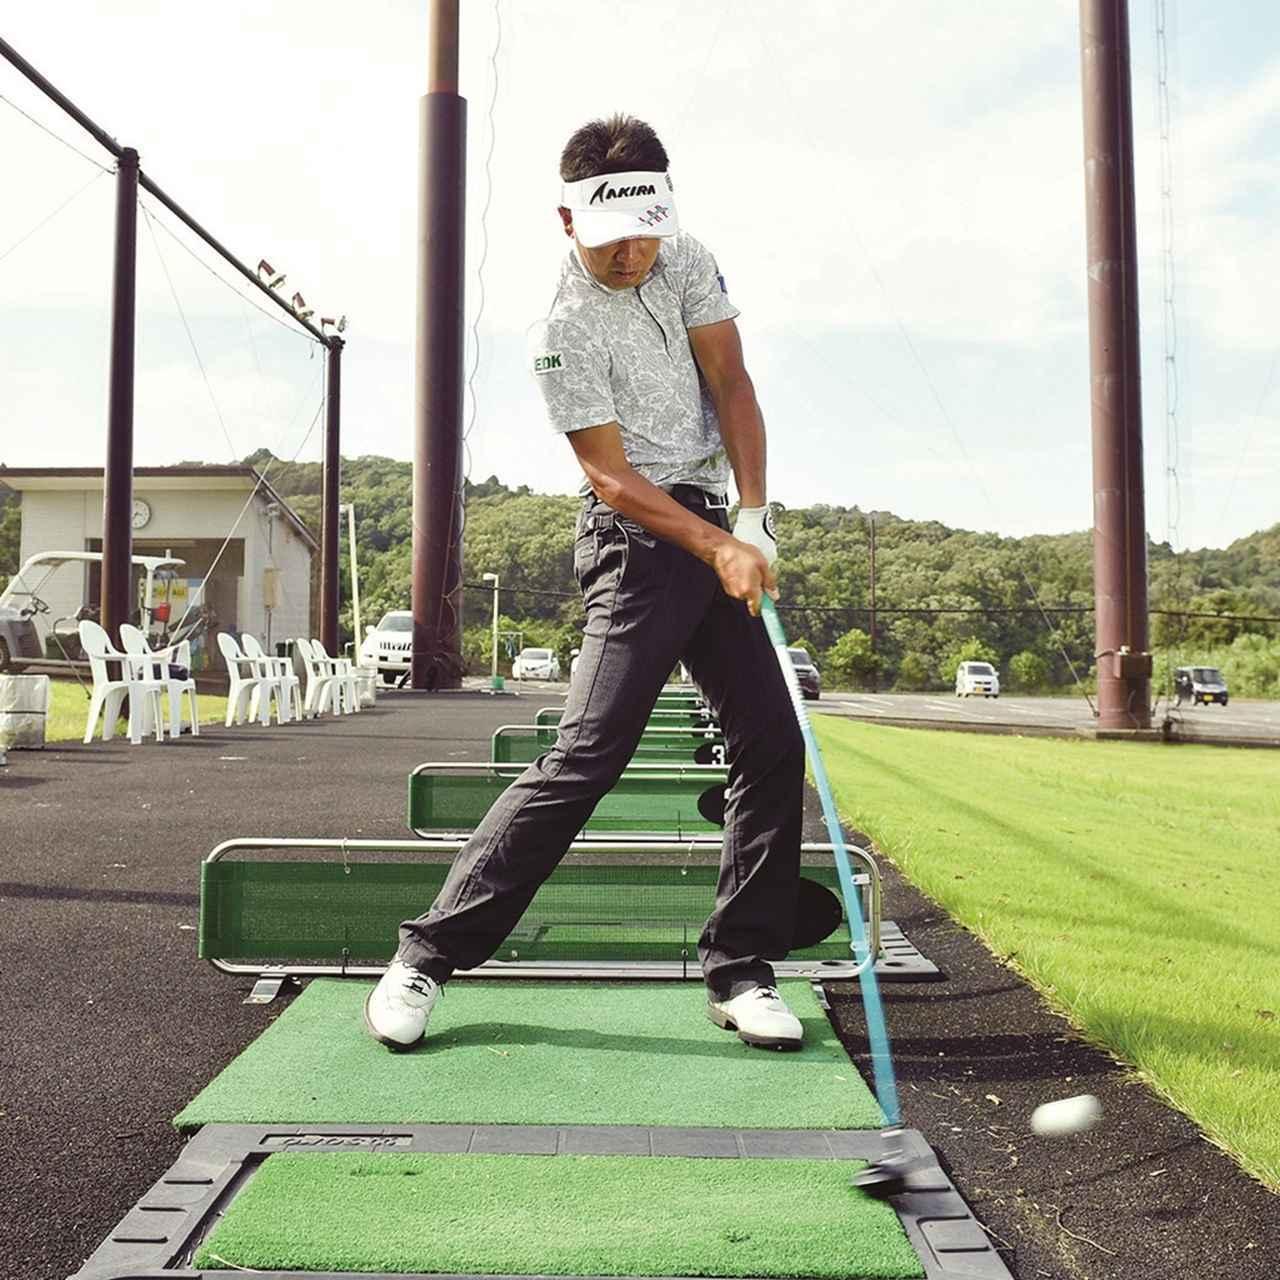 画像4: 【夏ゴルフ】ラフからのフェアウェイウッドはバンカーショットの要領で打つ!